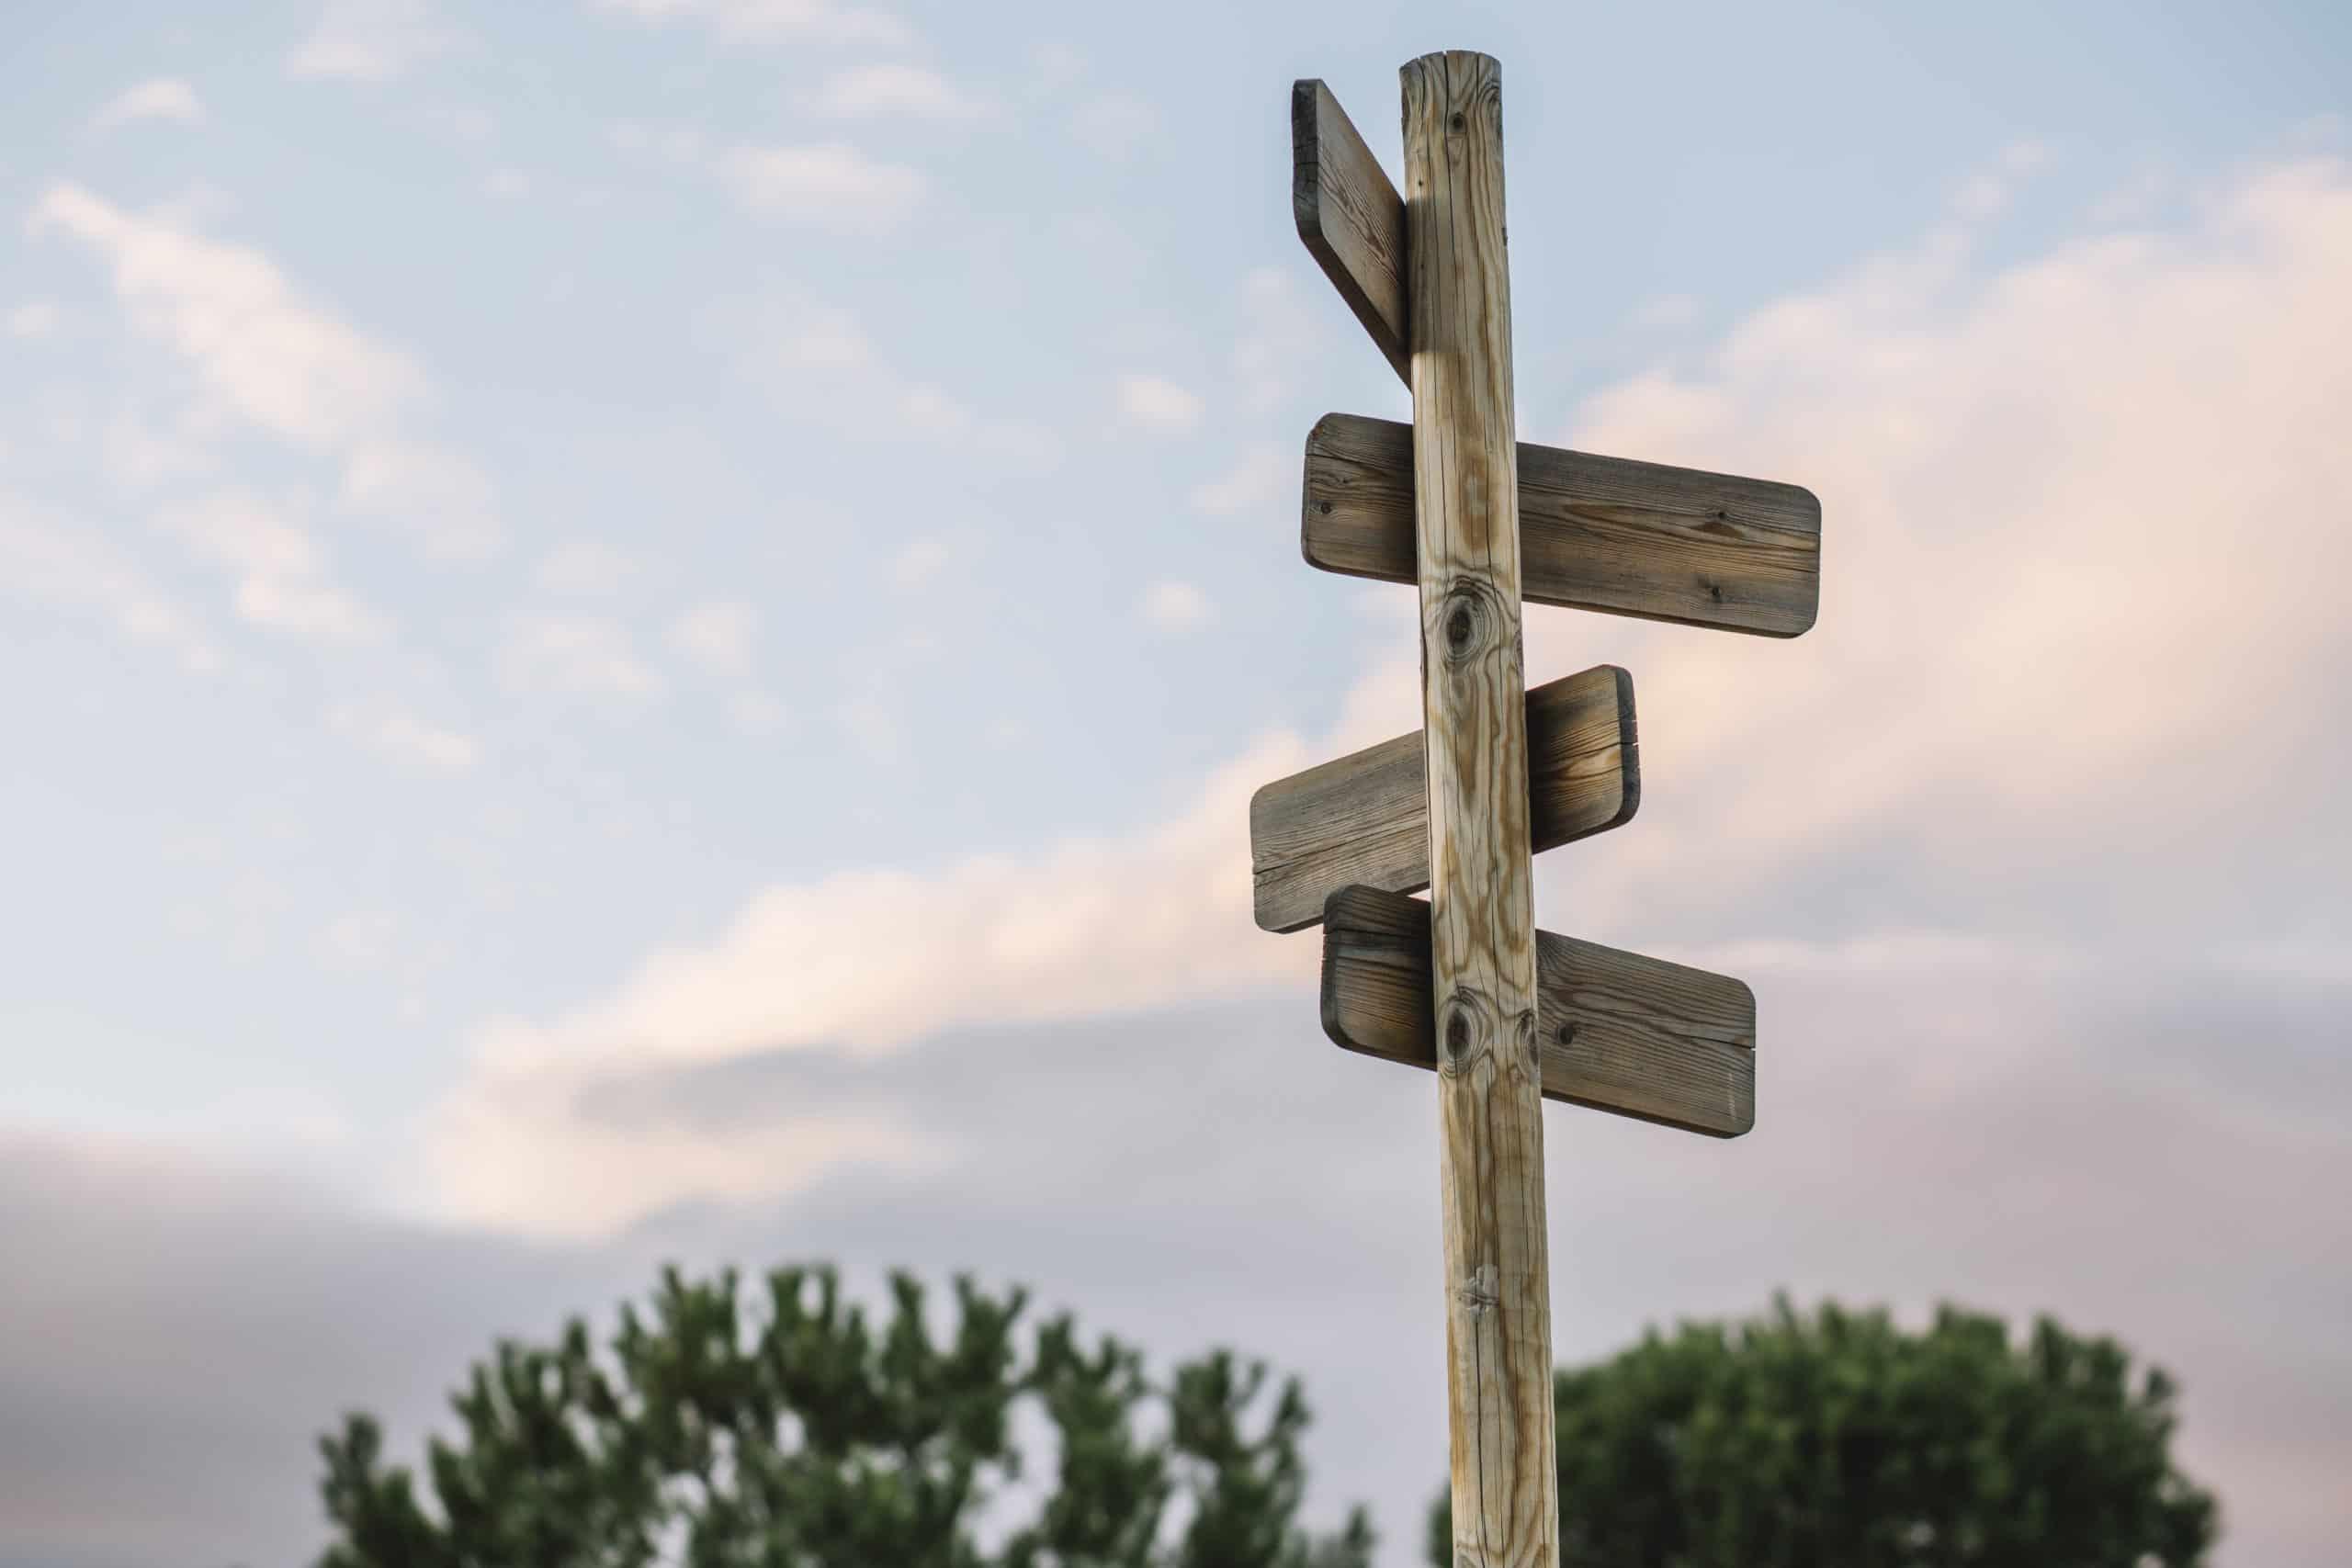 Les 5 étapes indispensables pour réussir sa reconversion professionnelle